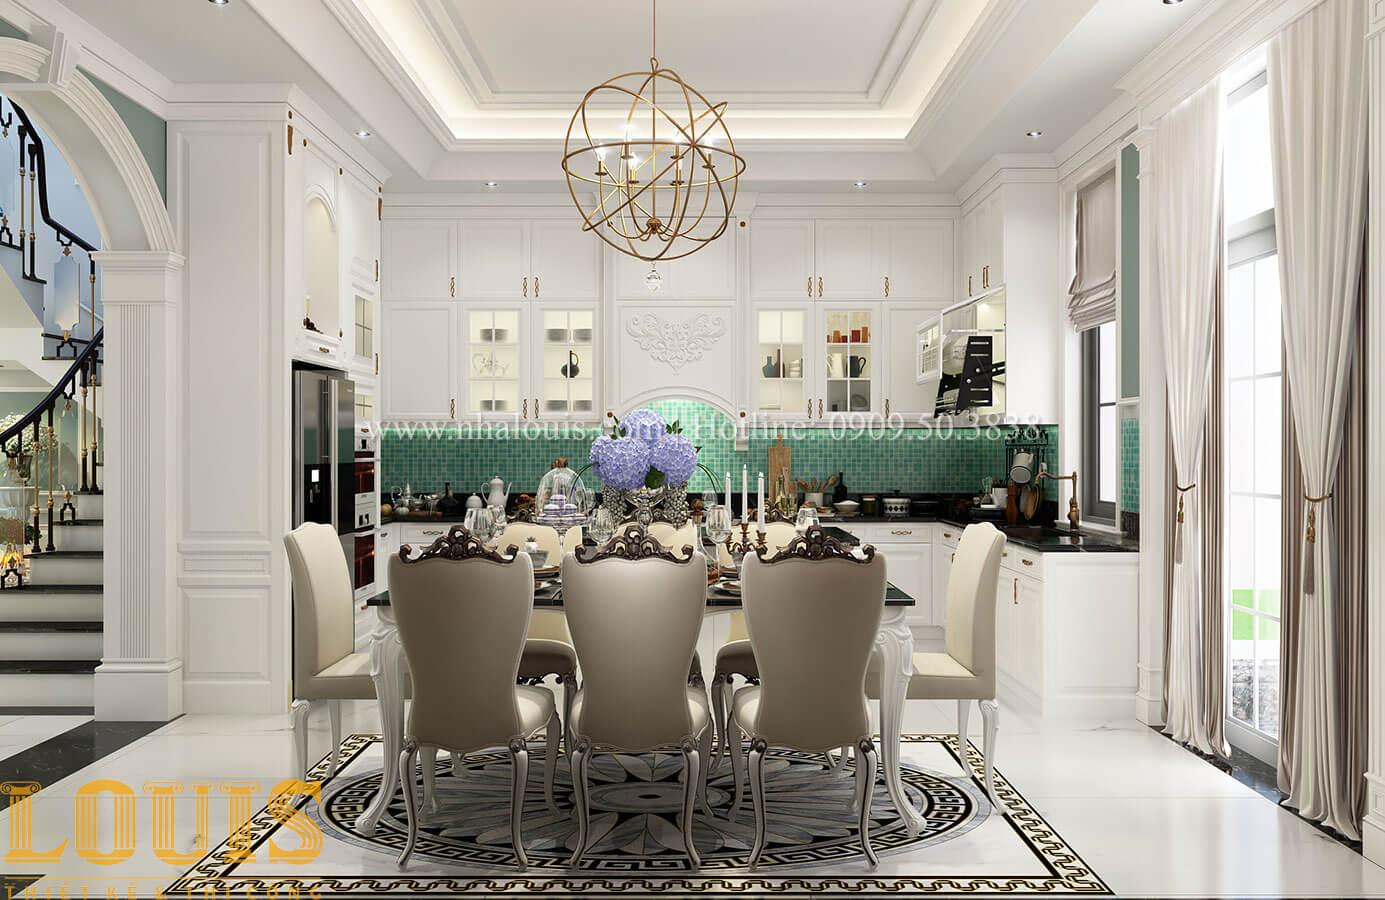 Bếp và phòng ăn Thiết kế biệt thự 3 tầng đẹp có sân vườn ở miền quê Đồng Nai - 17